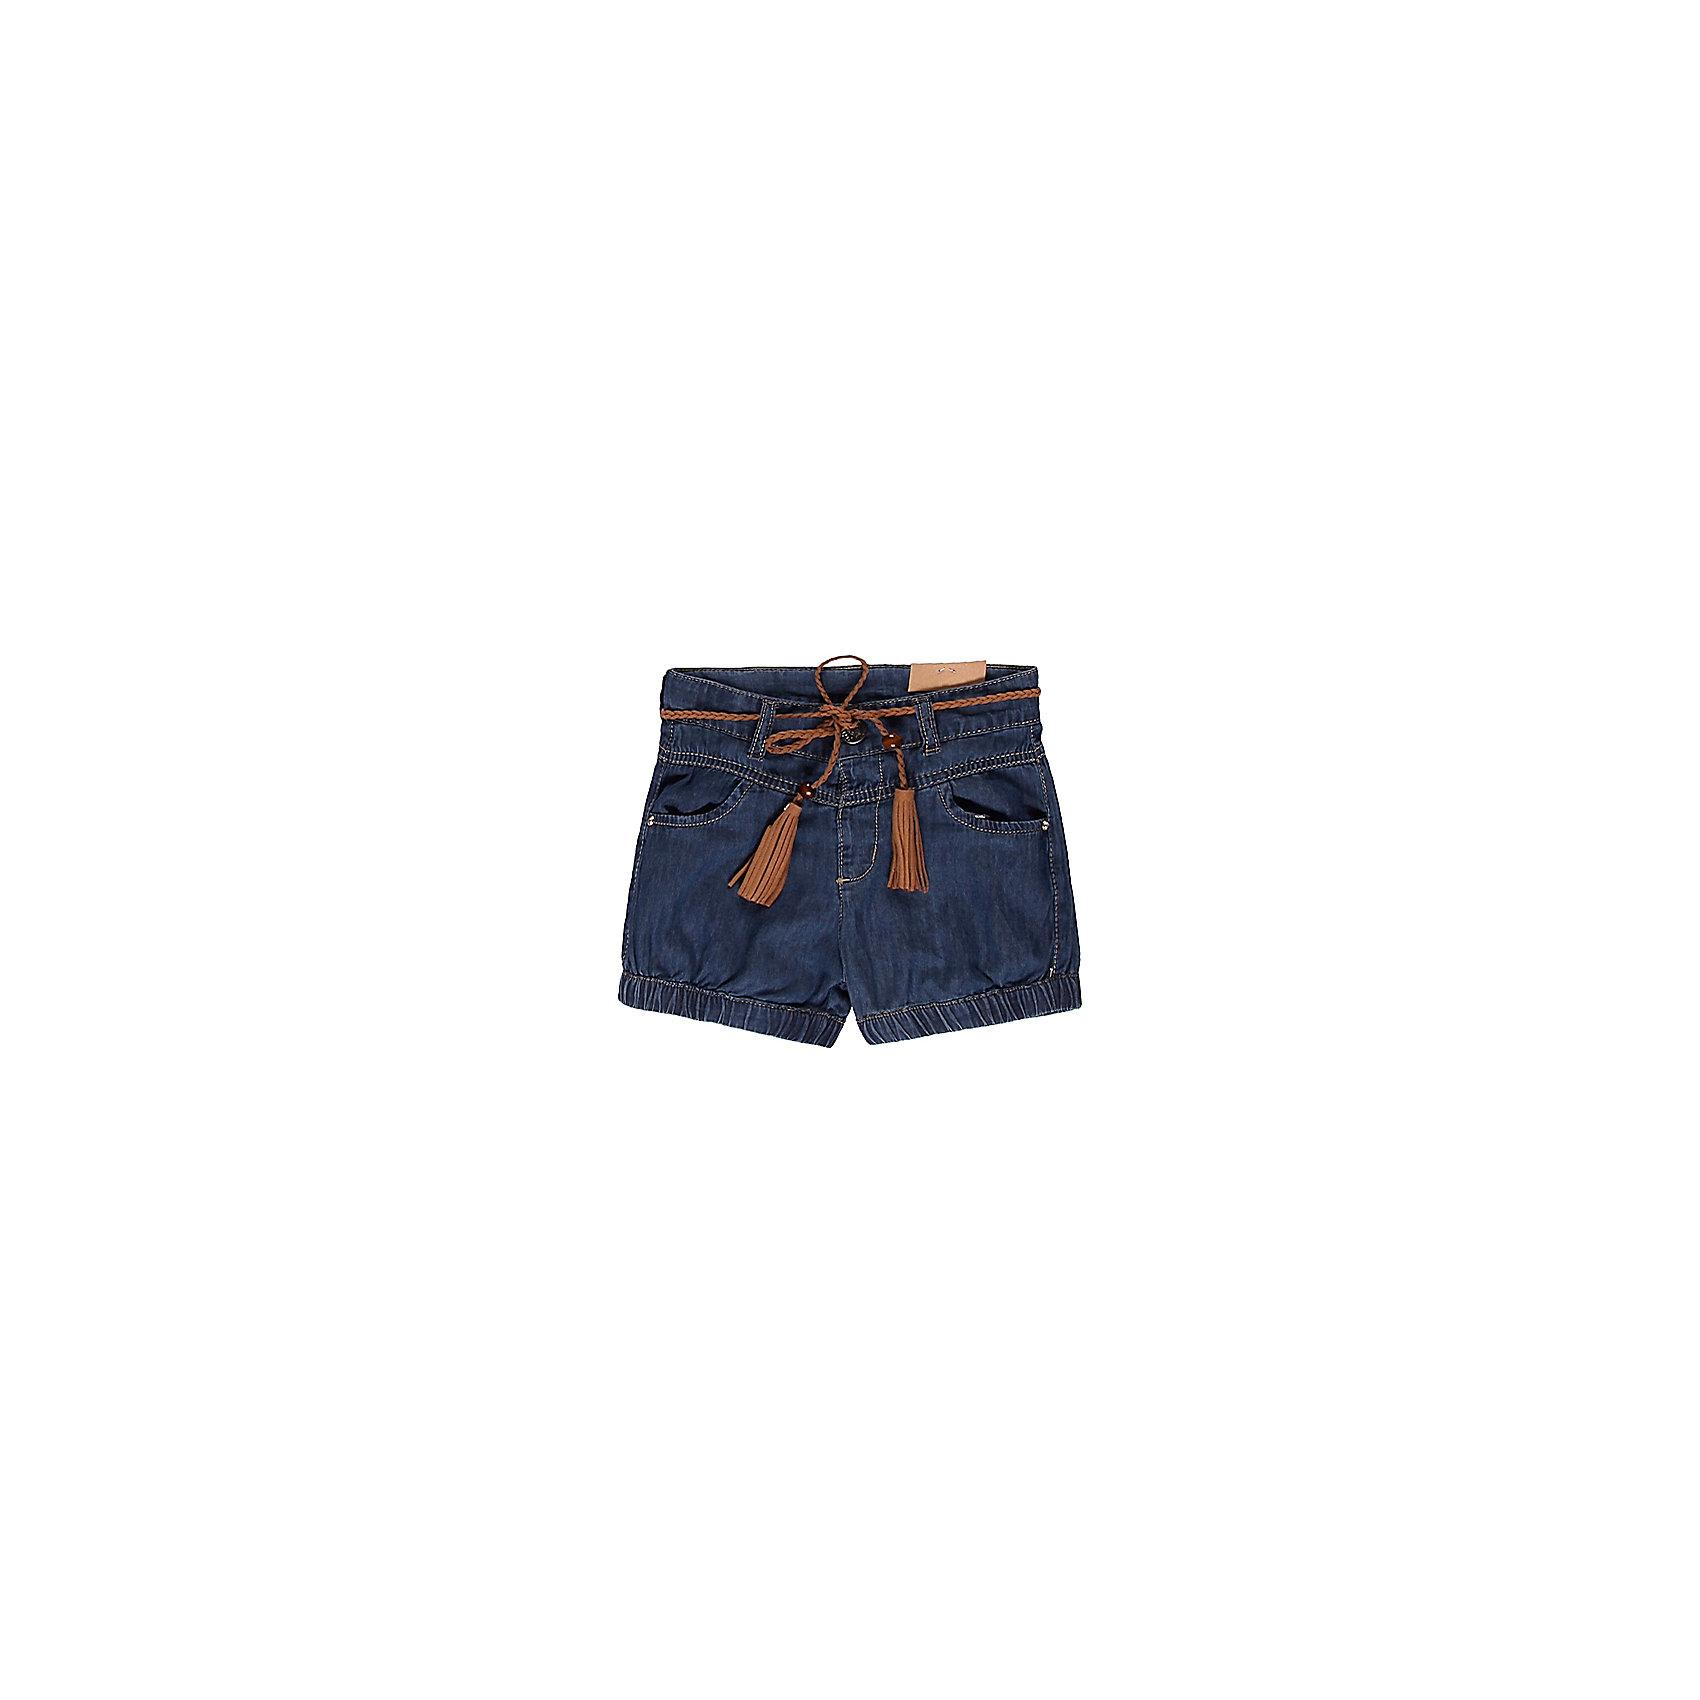 Шорты джинсовые для девочки Sweet BerryДжинсовая одежда<br>Стильные темно-синие джинсовые шорты для девочки из 100% хлопка. На талии контрастный поясок с кисточками из замши.  Застежка выполнена в виде крючка. Имеются два врезных кармана.<br>Состав:<br>100% хлопок<br><br>Ширина мм: 191<br>Глубина мм: 10<br>Высота мм: 175<br>Вес г: 273<br>Цвет: синий<br>Возраст от месяцев: 24<br>Возраст до месяцев: 36<br>Пол: Женский<br>Возраст: Детский<br>Размер: 98,80,92,86<br>SKU: 4520430